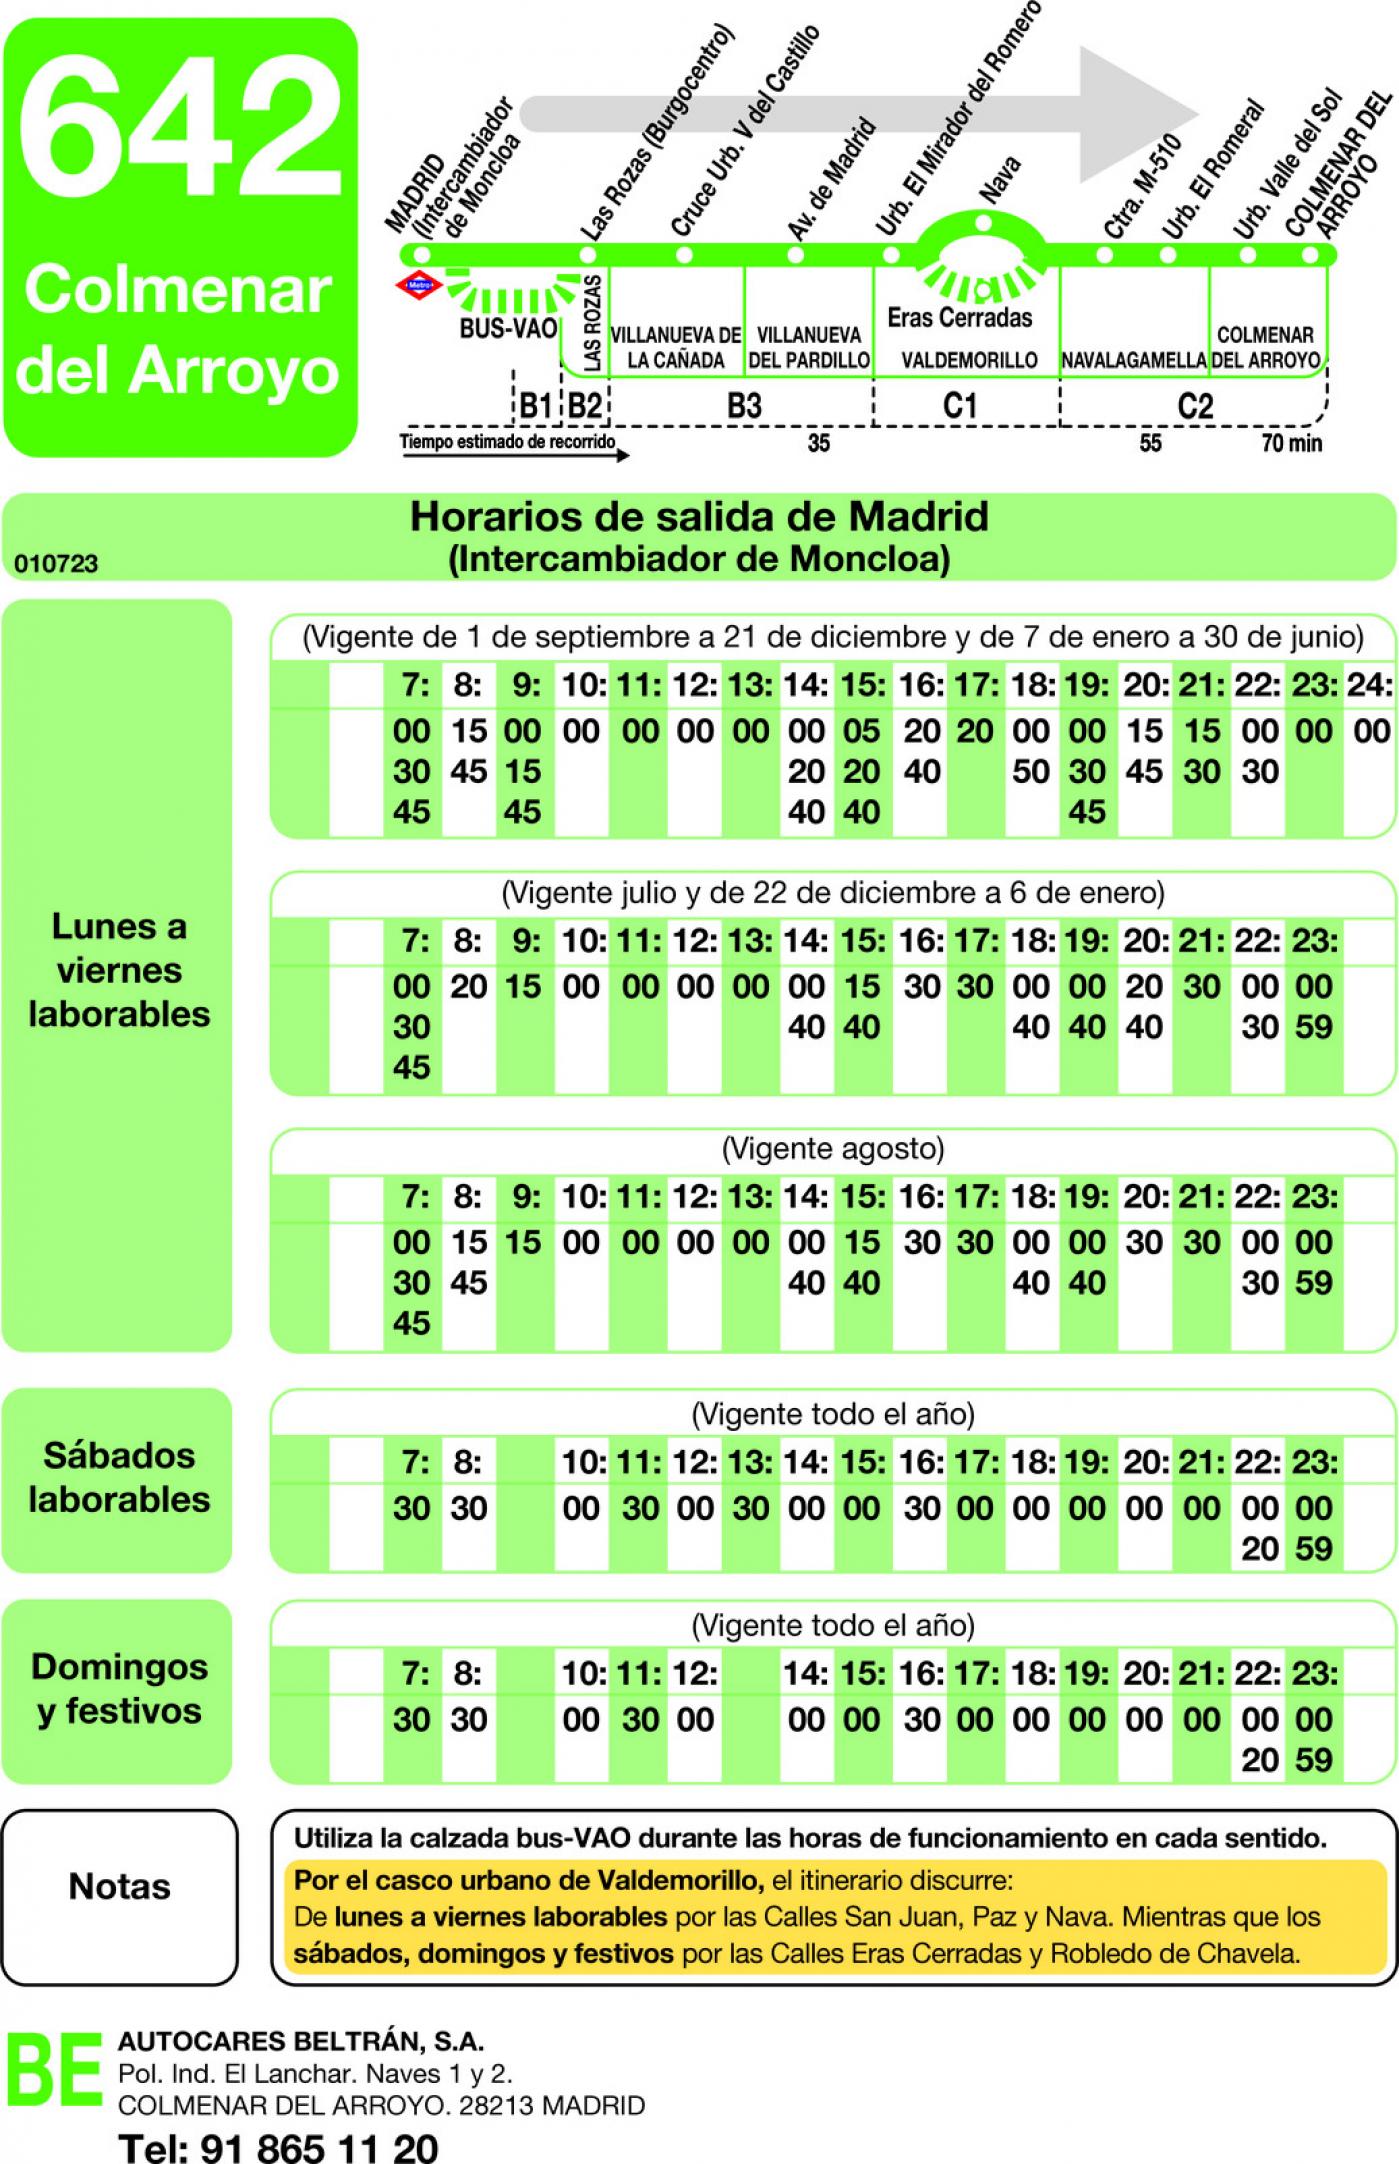 Tabla de horarios y frecuencias de paso en sentido ida Línea 642: Madrid (Moncloa) - Colmenar del Arroyo